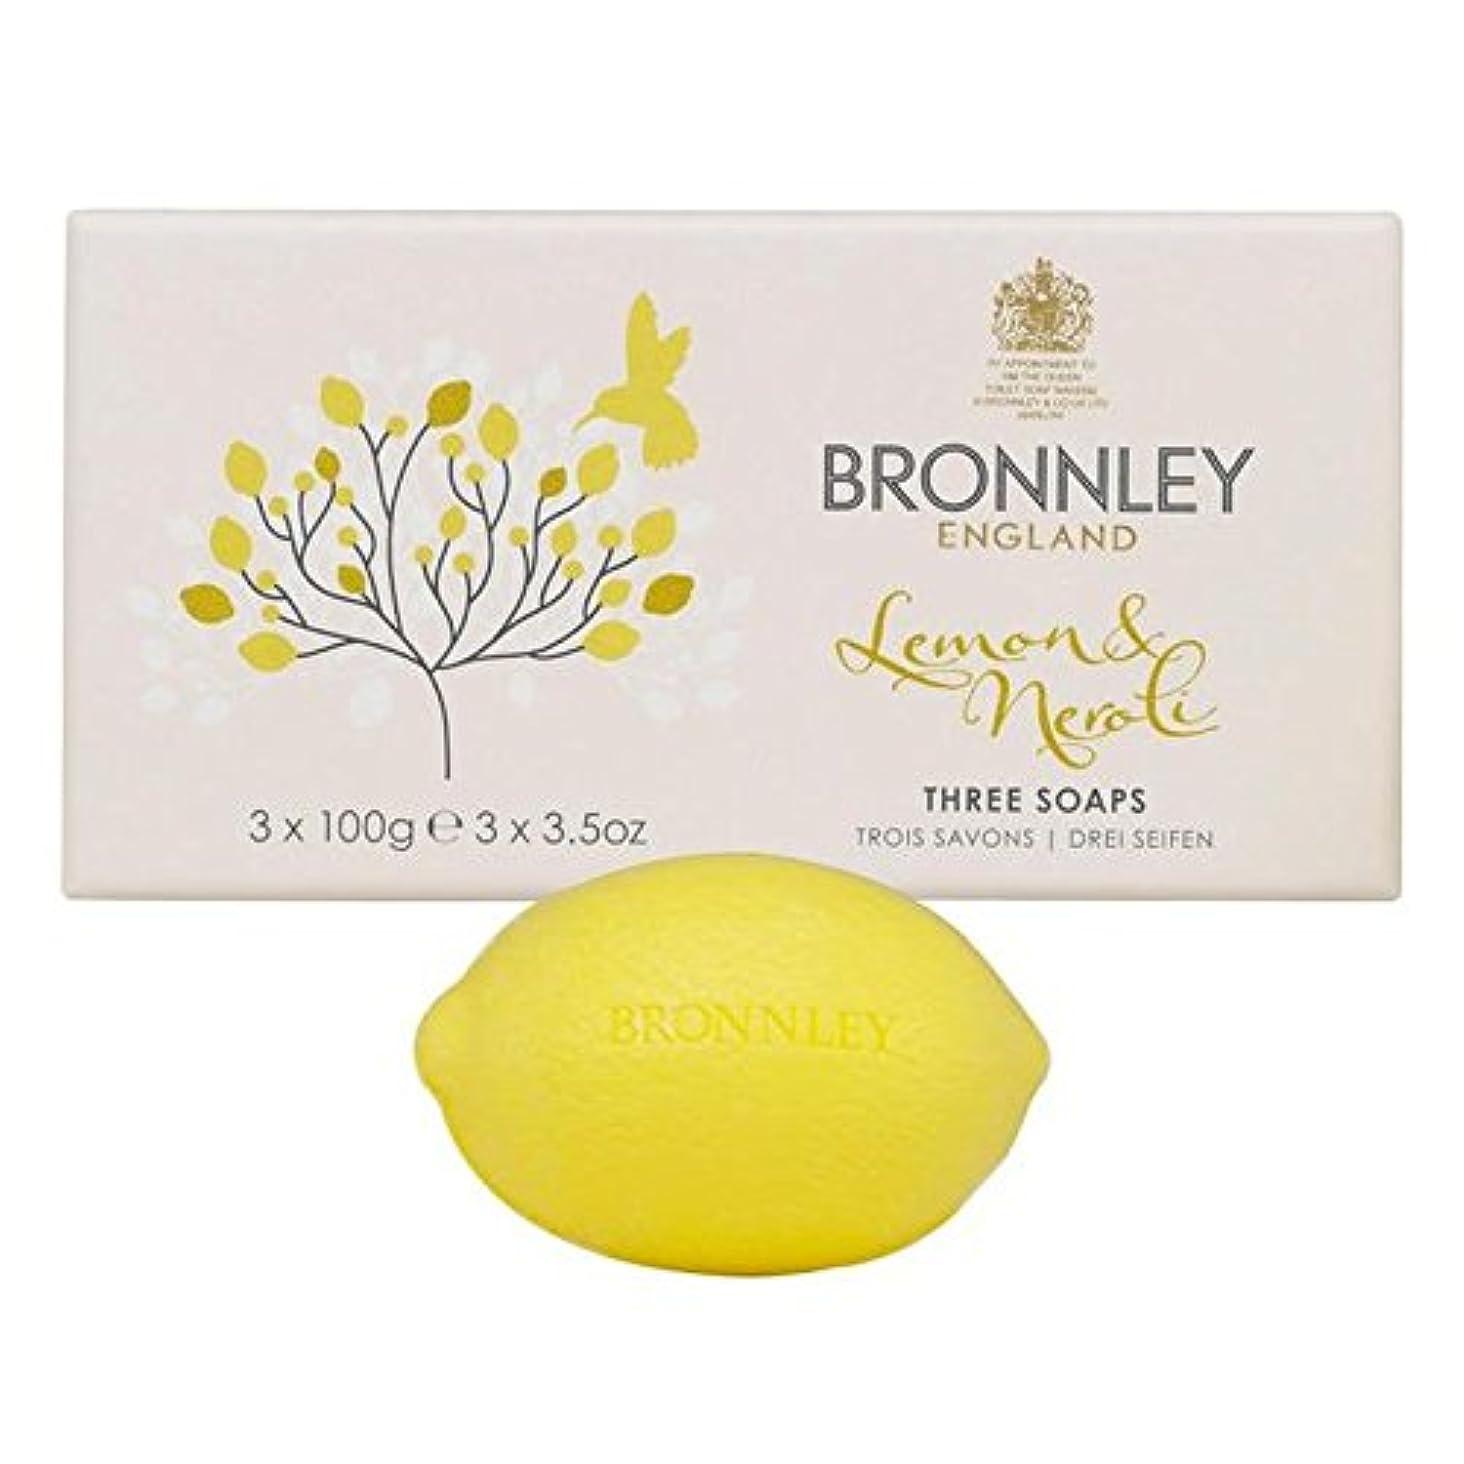 パンダ指導する手足Bronnley Lemon & Neroli Soaps 3 x 100g - レモン&ネロリ石鹸3×100グラム [並行輸入品]